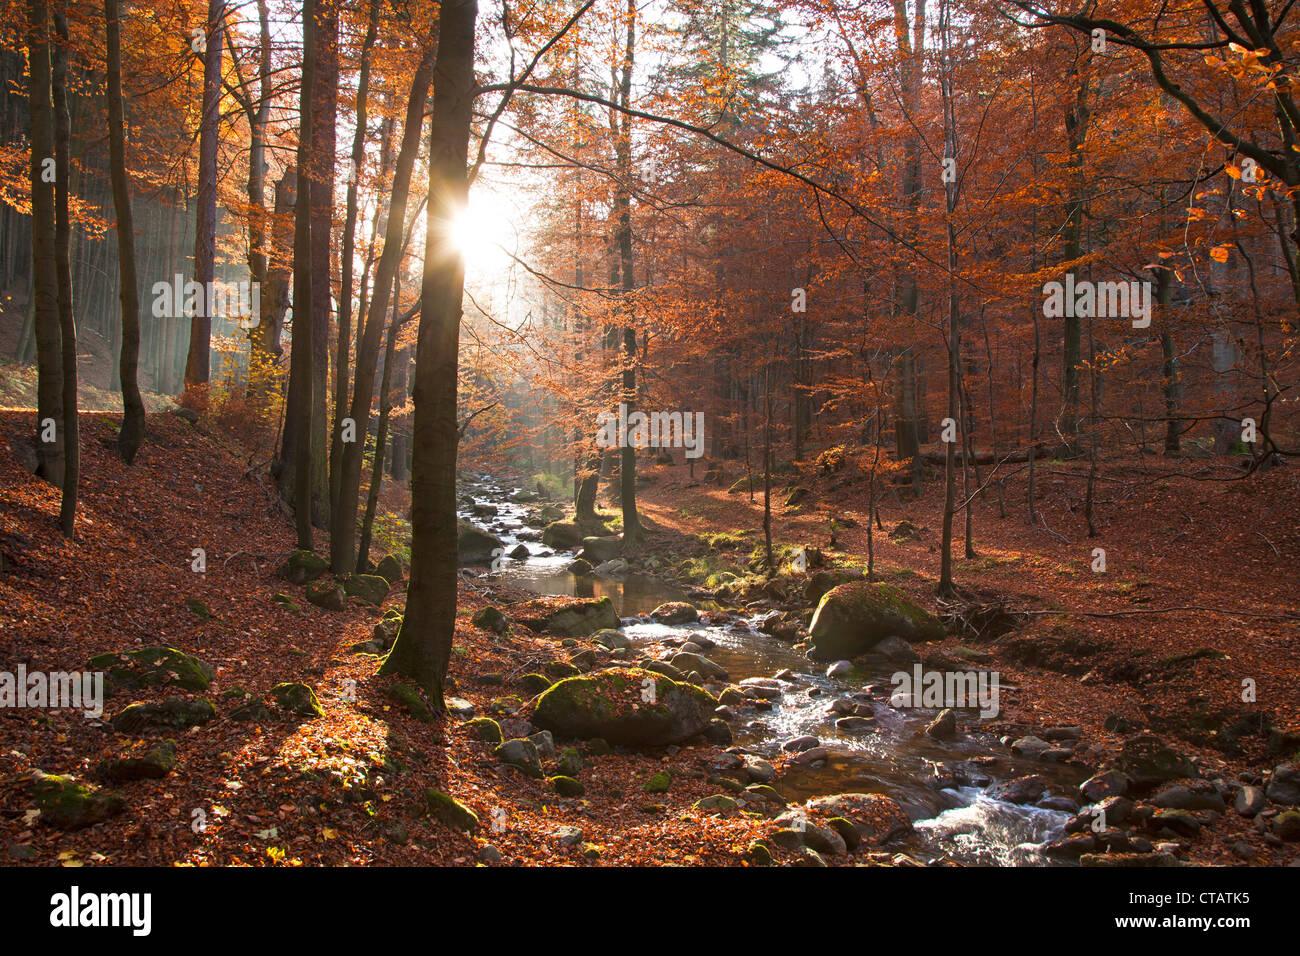 Autumnal forest at Ilse valley, Heinrich Heine hiking trail, near Ilsenburg, Harz mountains, Saxony-Anhalt, Germany, - Stock Image